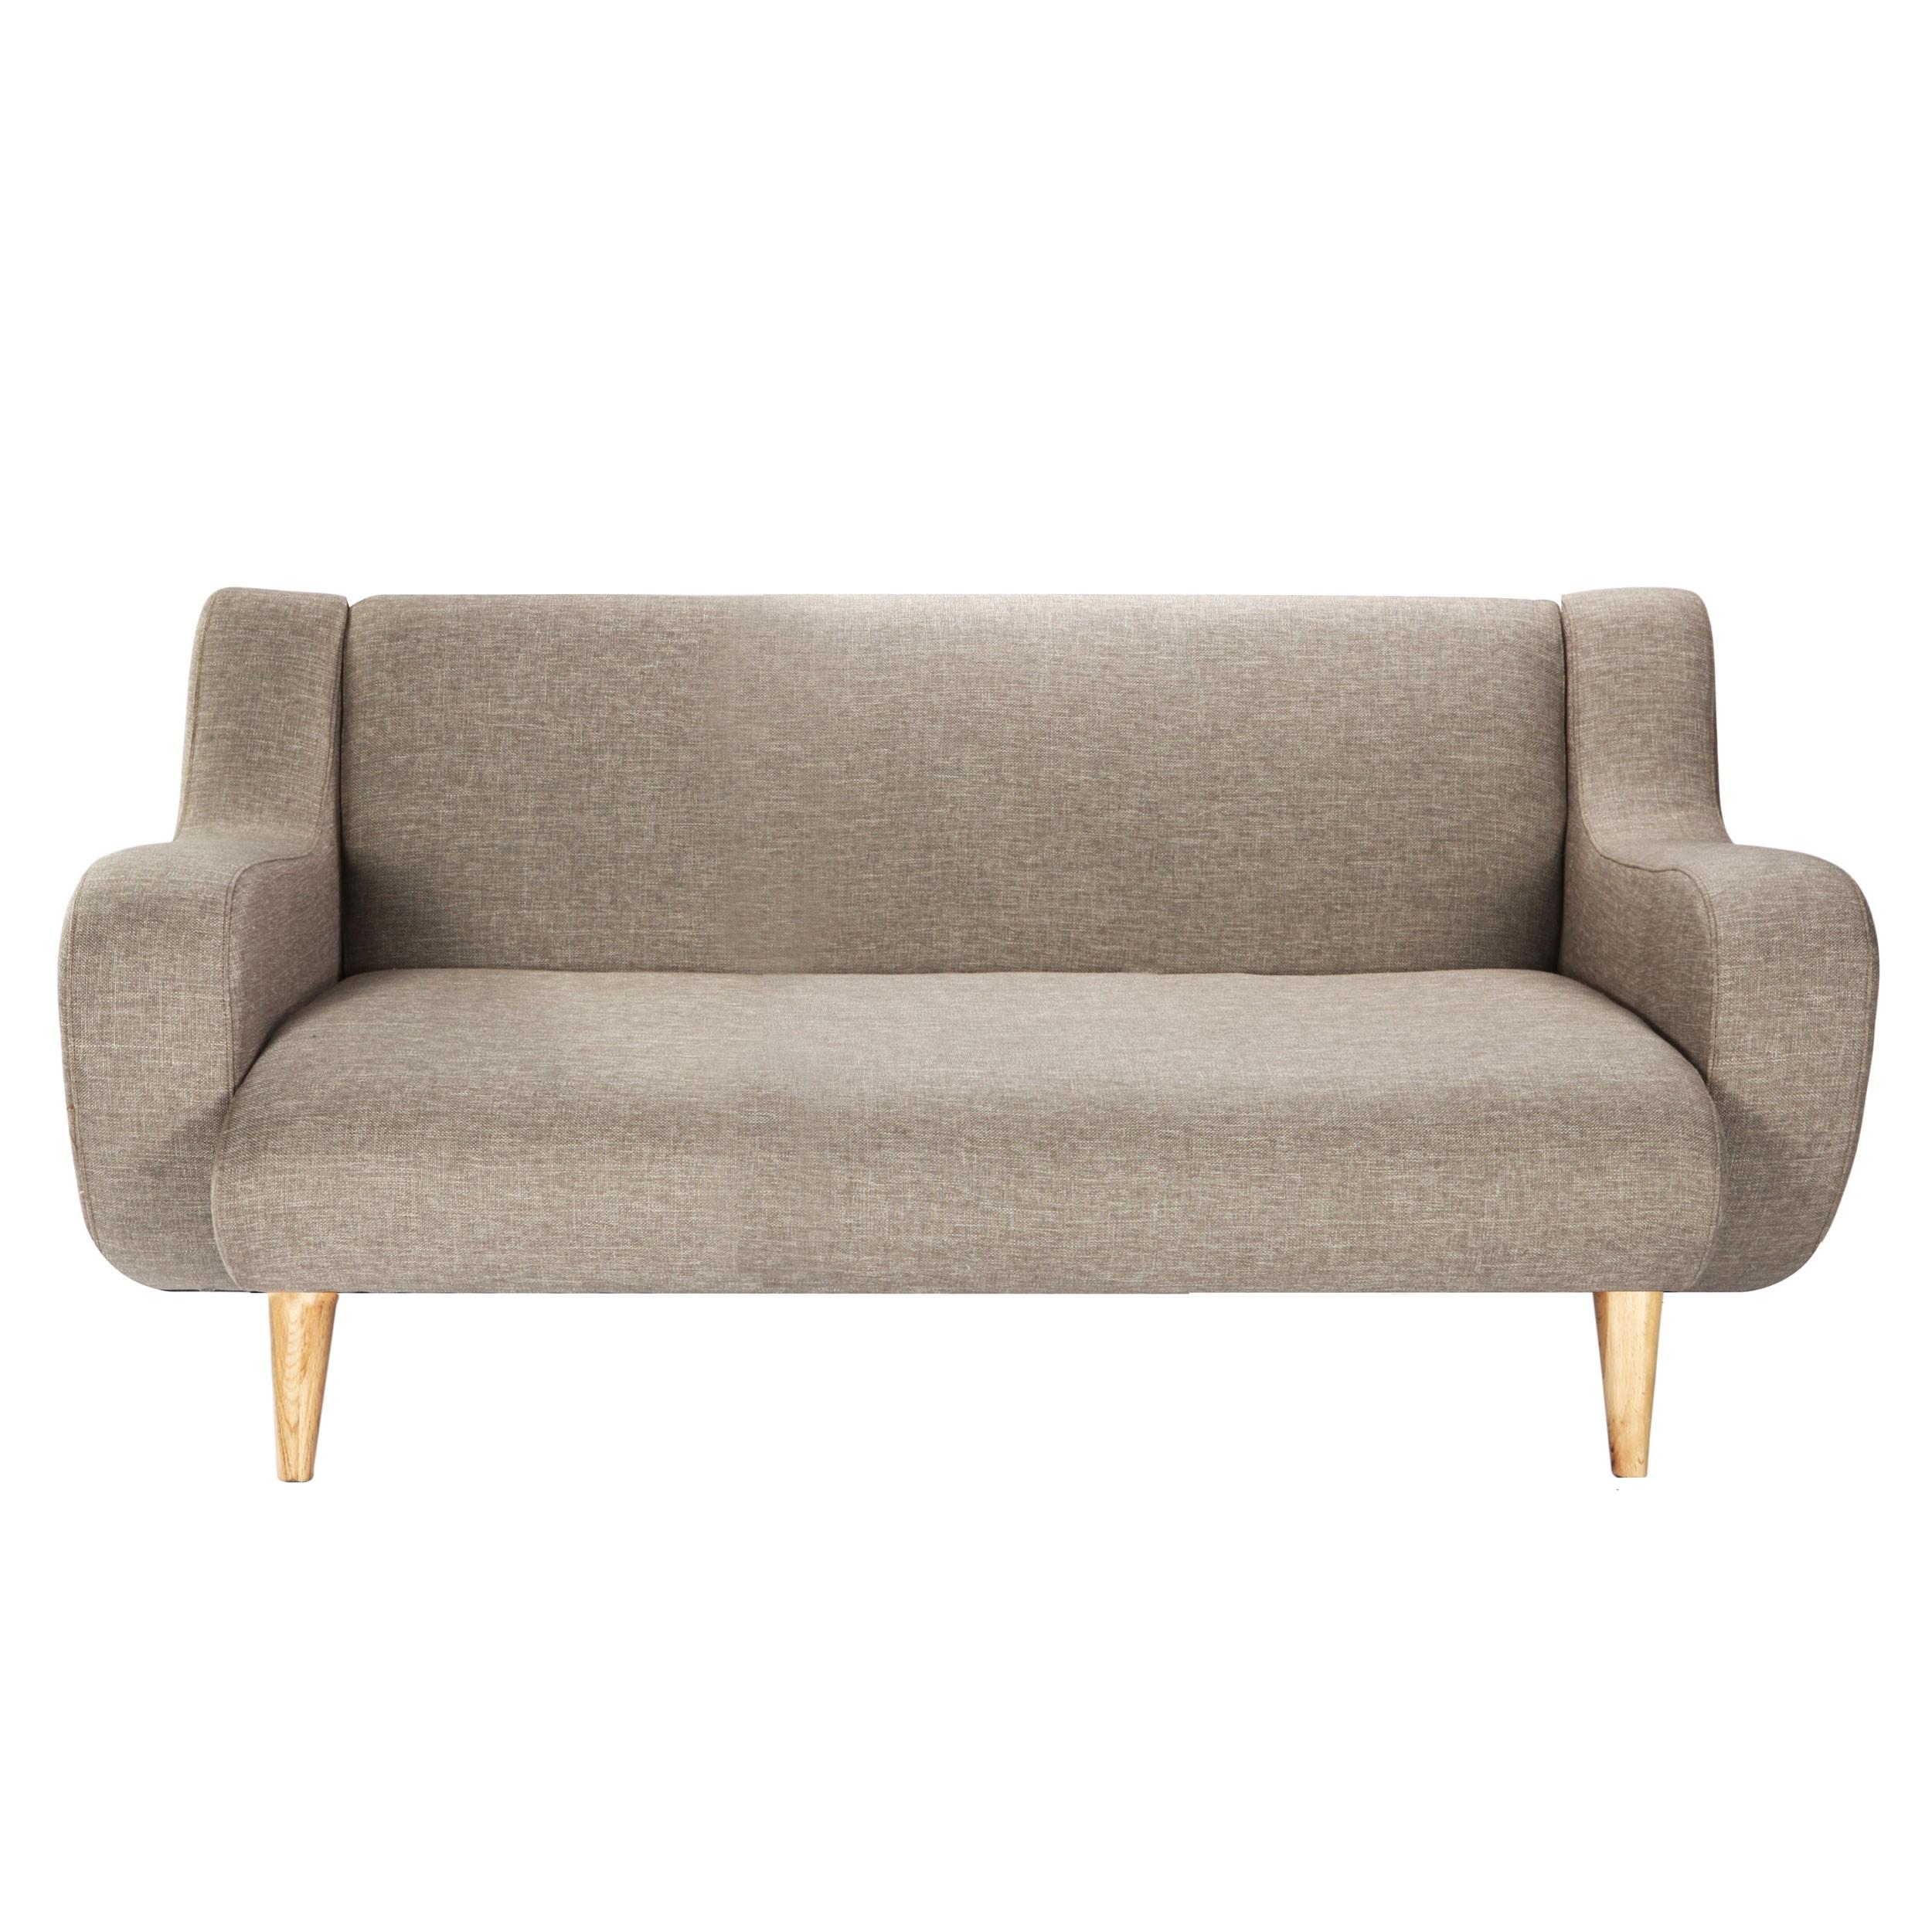 canap stockholm beige achetez nos canap s stockholm beiges pas chers rdv d co. Black Bedroom Furniture Sets. Home Design Ideas